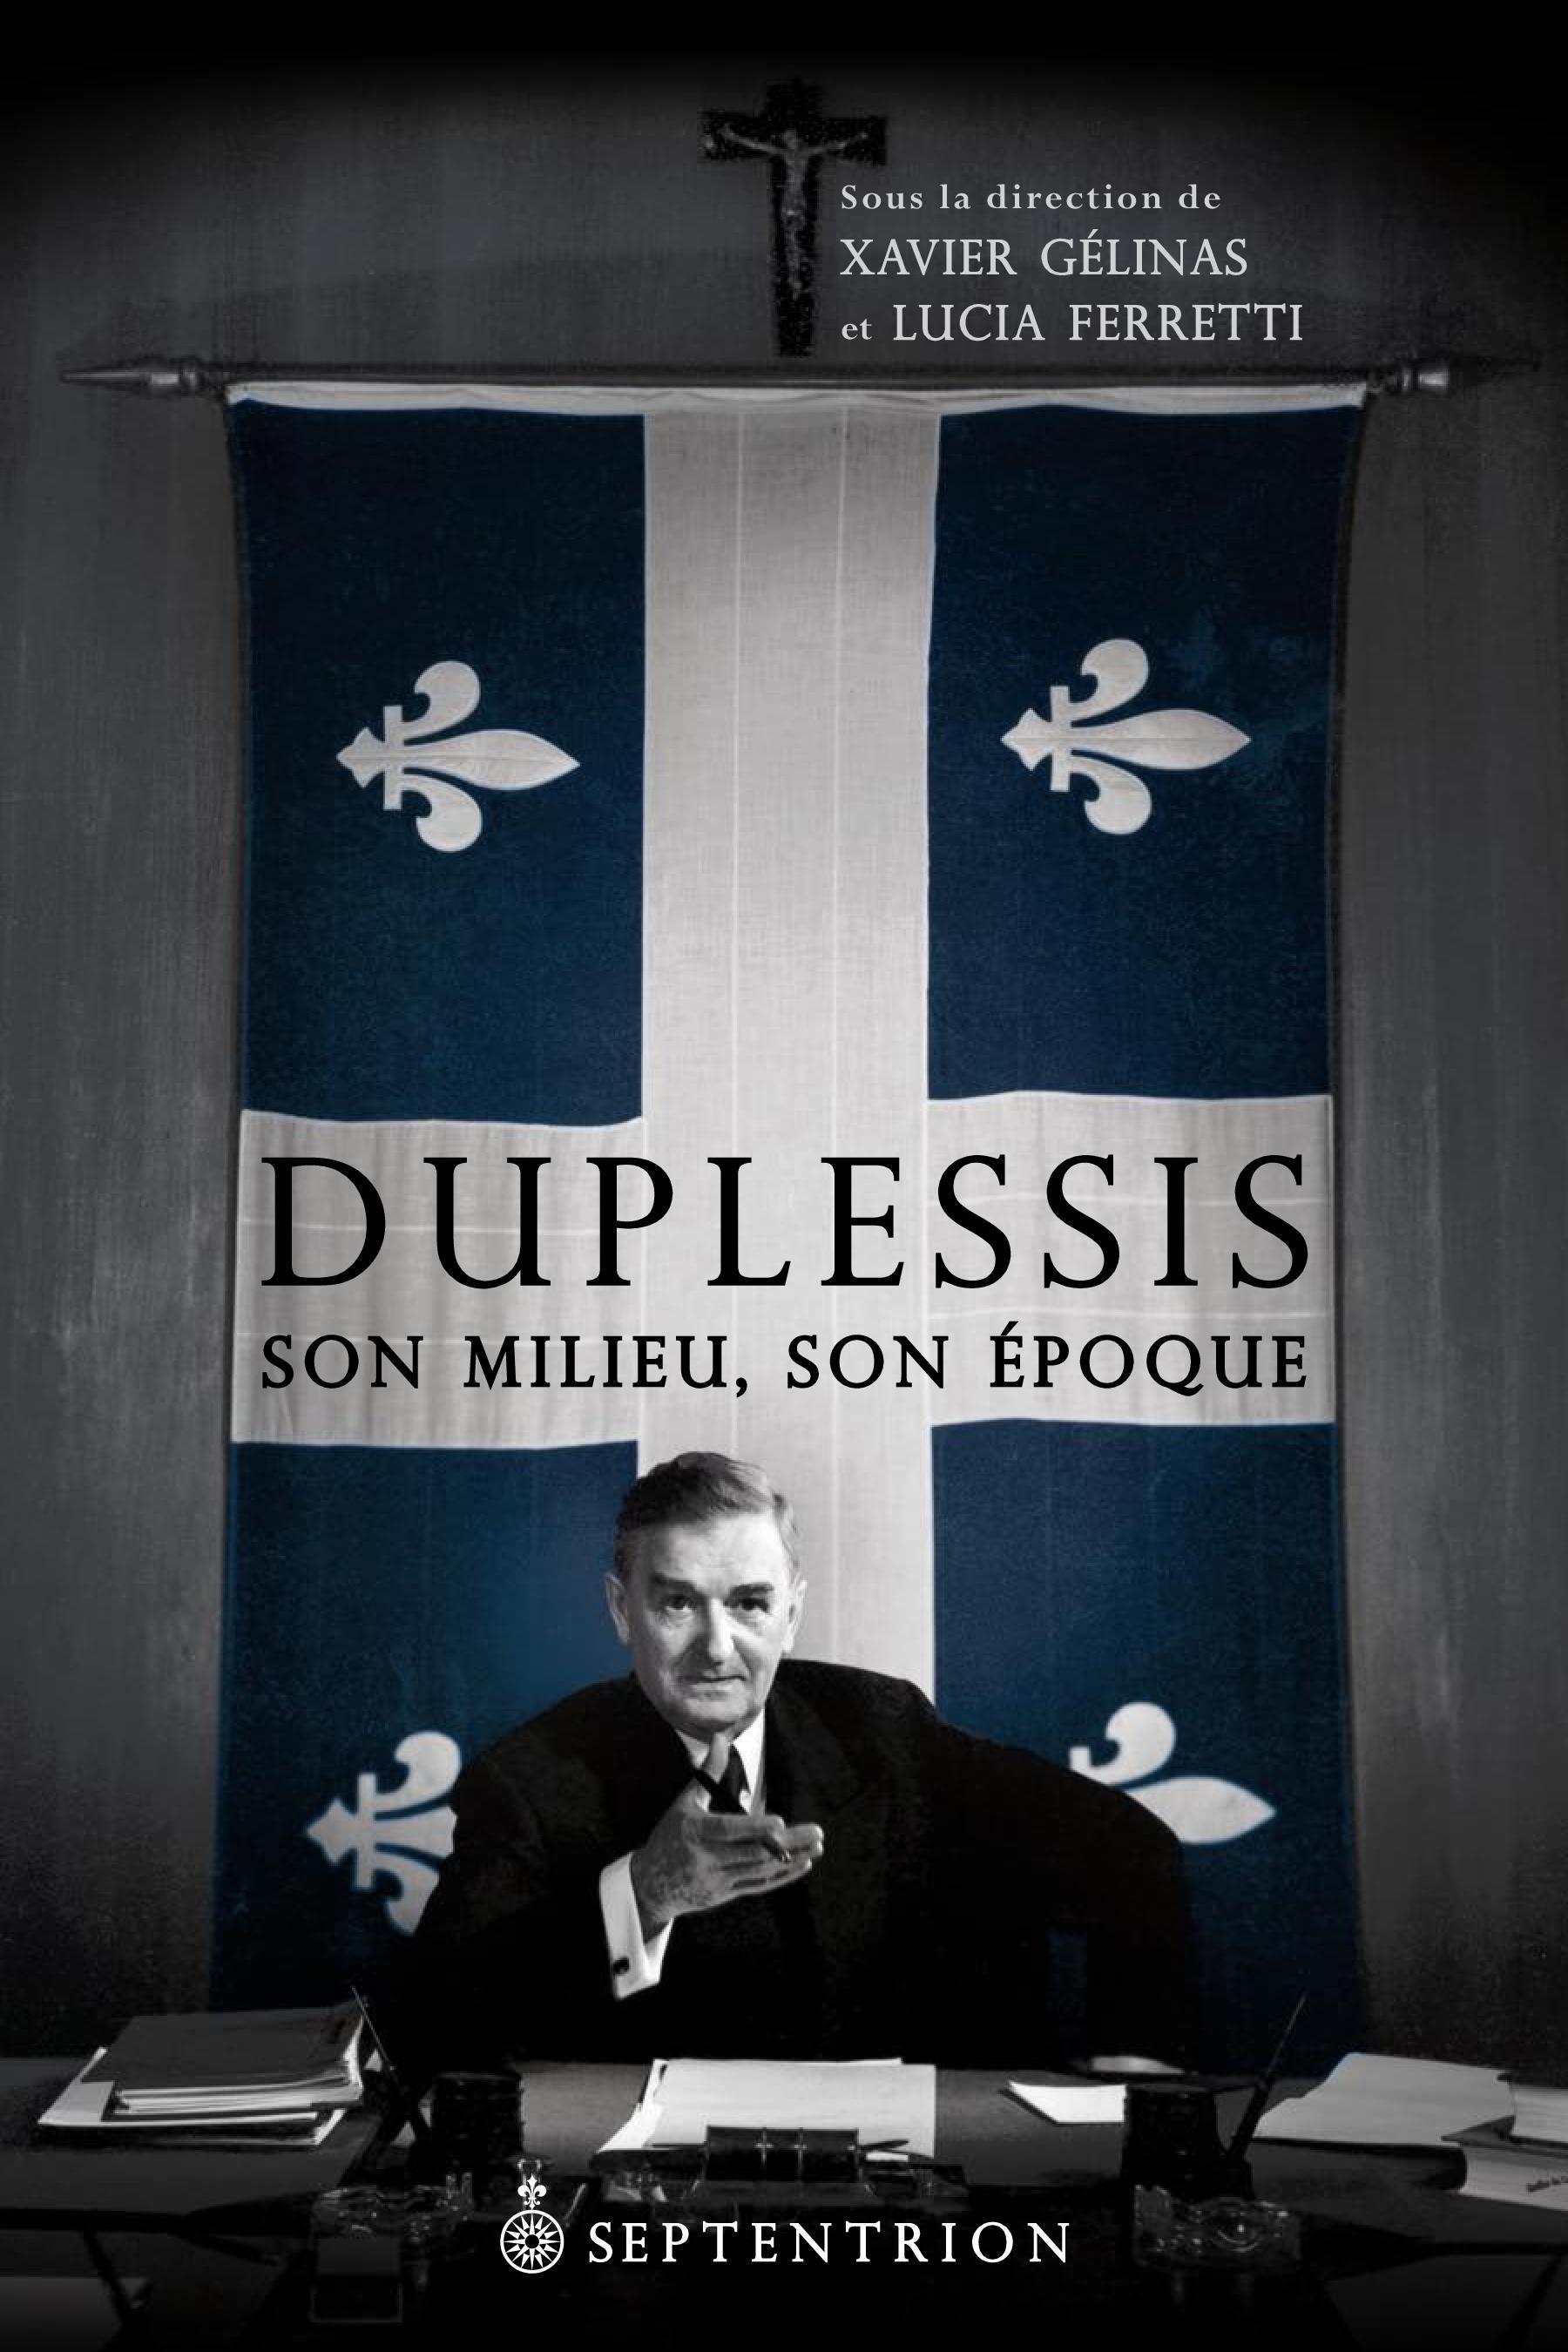 Duplessis, son milieu, son époque